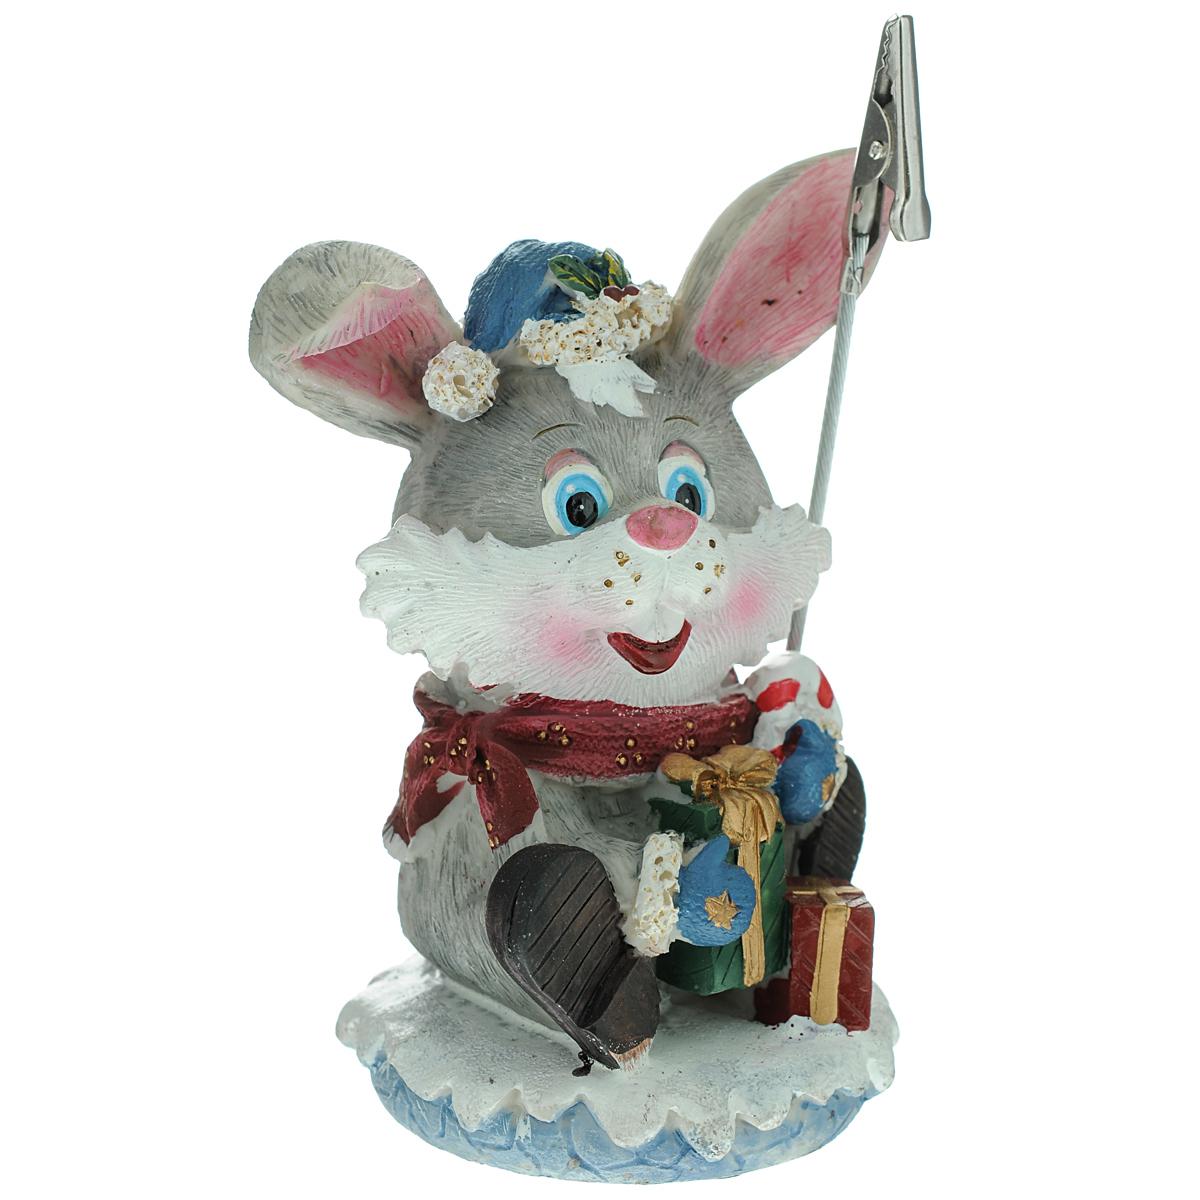 Держатель для бумаги Кролик, 12,5 см54 009303Держатель для бумаги, выполненный в виде кролика, который вызовет улыбку у каждого, кто его увидит.Откройте для себя удивительный мир сказок и грез. Почувствуйте волшебные минуты ожидания праздника, создайте новогоднее настроение вашим дорогими близким. Характеристики:Материал:полистоун, металл. Размер:12,5 см х 8 см х 5 см. Производитель: Ирландия. Артикул: SWT-2011. Mister Christmas как марка, стоявшая у самых истоков новогодней индустрии в России, сегодня является подлинным лидером рынка. Продукция марки обрела популярность и заслужила доверие самого широкого круга потребителей. Миссия Mister Christmas - это одновременно и возрождение утраченных рождественских традиций, и привнесение модных тенденций в празднование Нового года и Рождества, развитие новогодней культуры в целом. Благодаря таланту и мастерству дизайнеров, технологиям и опыту мировой новогодней индустрии товары от Mister Christmas стали настоящим символом Нового года, эталоном качества и хорошего вкуса.Уважаемые клиенты!Обращаем ваше внимание на возможные изменения в дизайне держателя.Уважаемые клиенты!Обращаем ваше внимание на ассортимент товара. Поставка возможна в одном извариантов, в зависимости от наличия на складе.